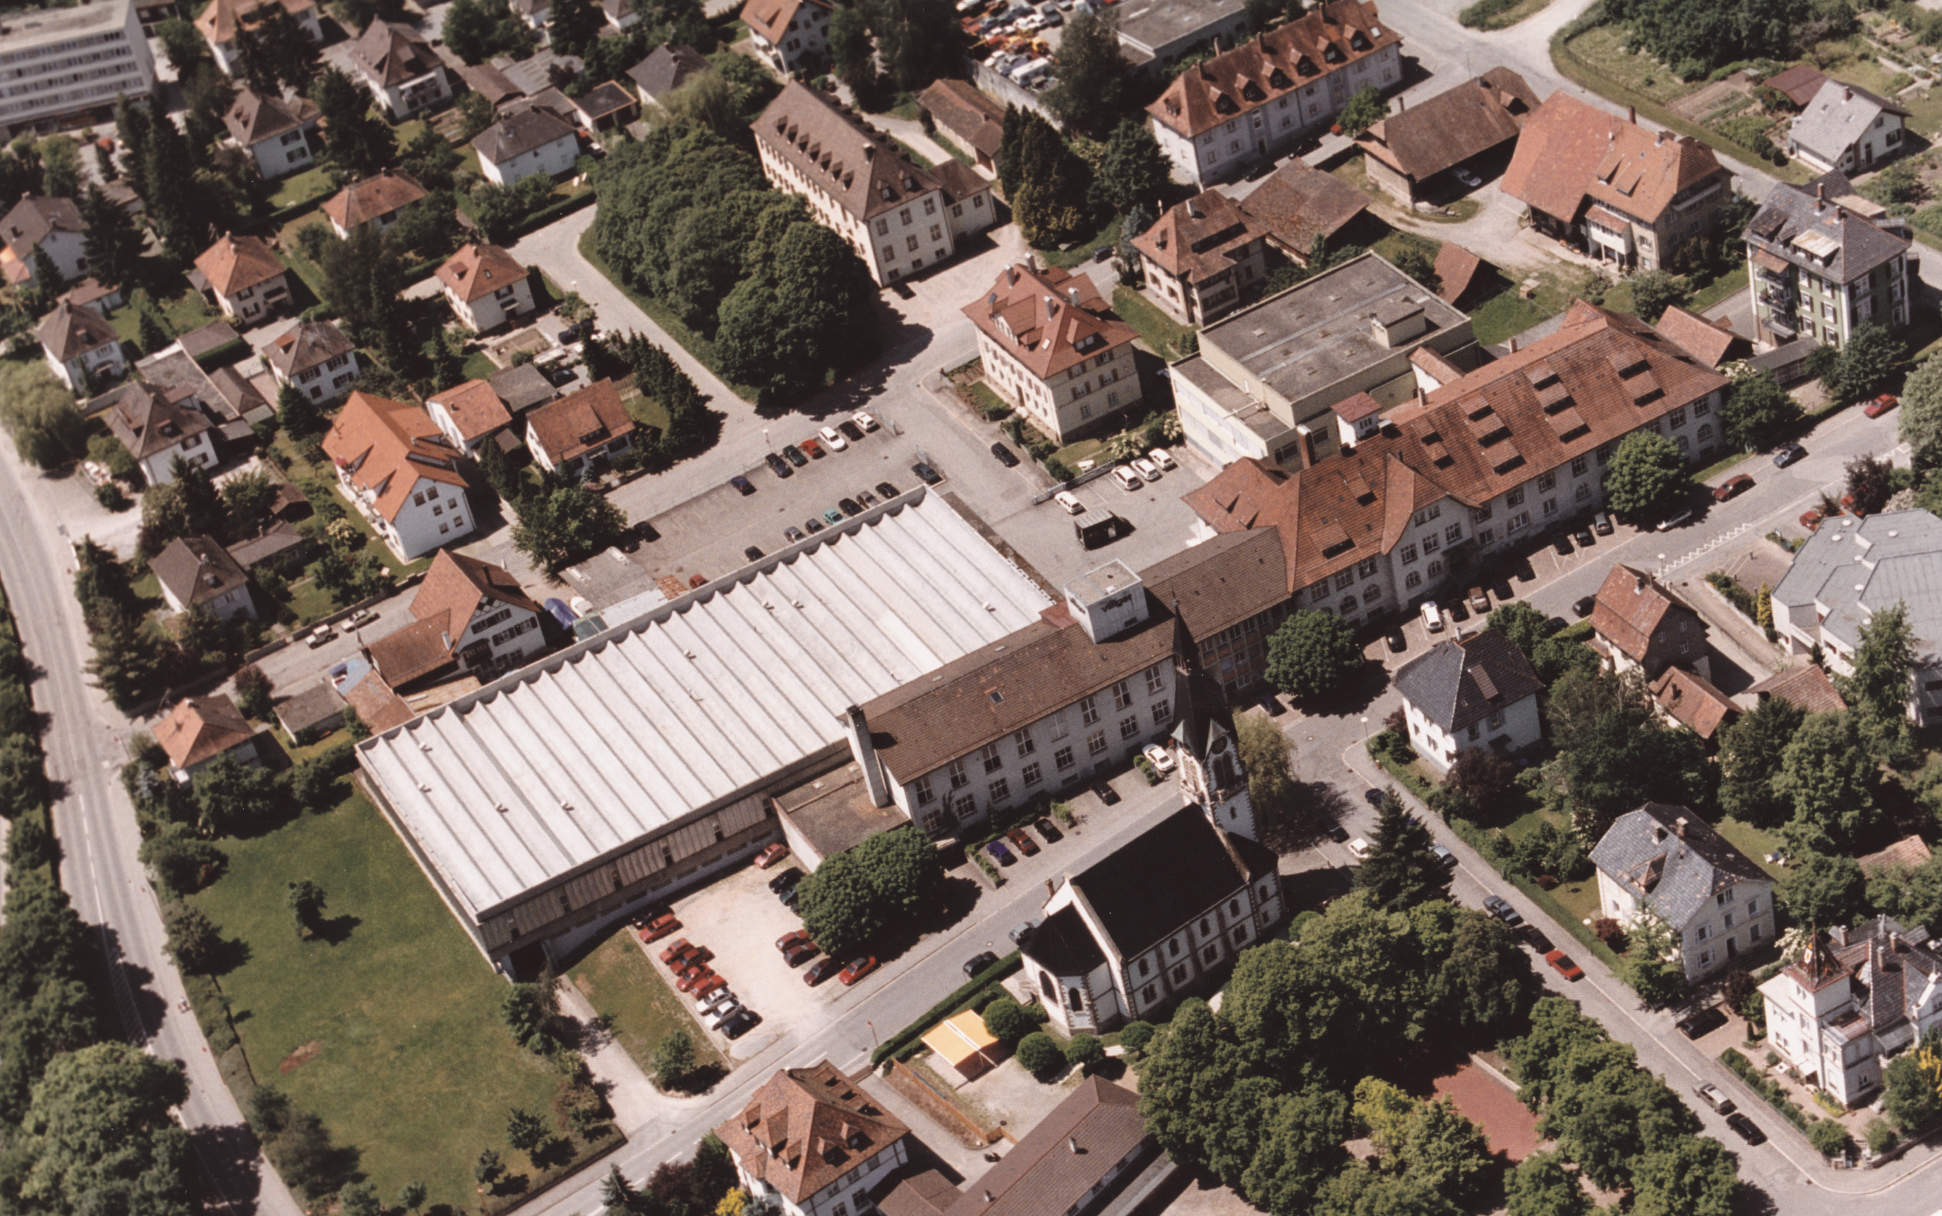 VILLIGER posizione Waldshut-Tiengen